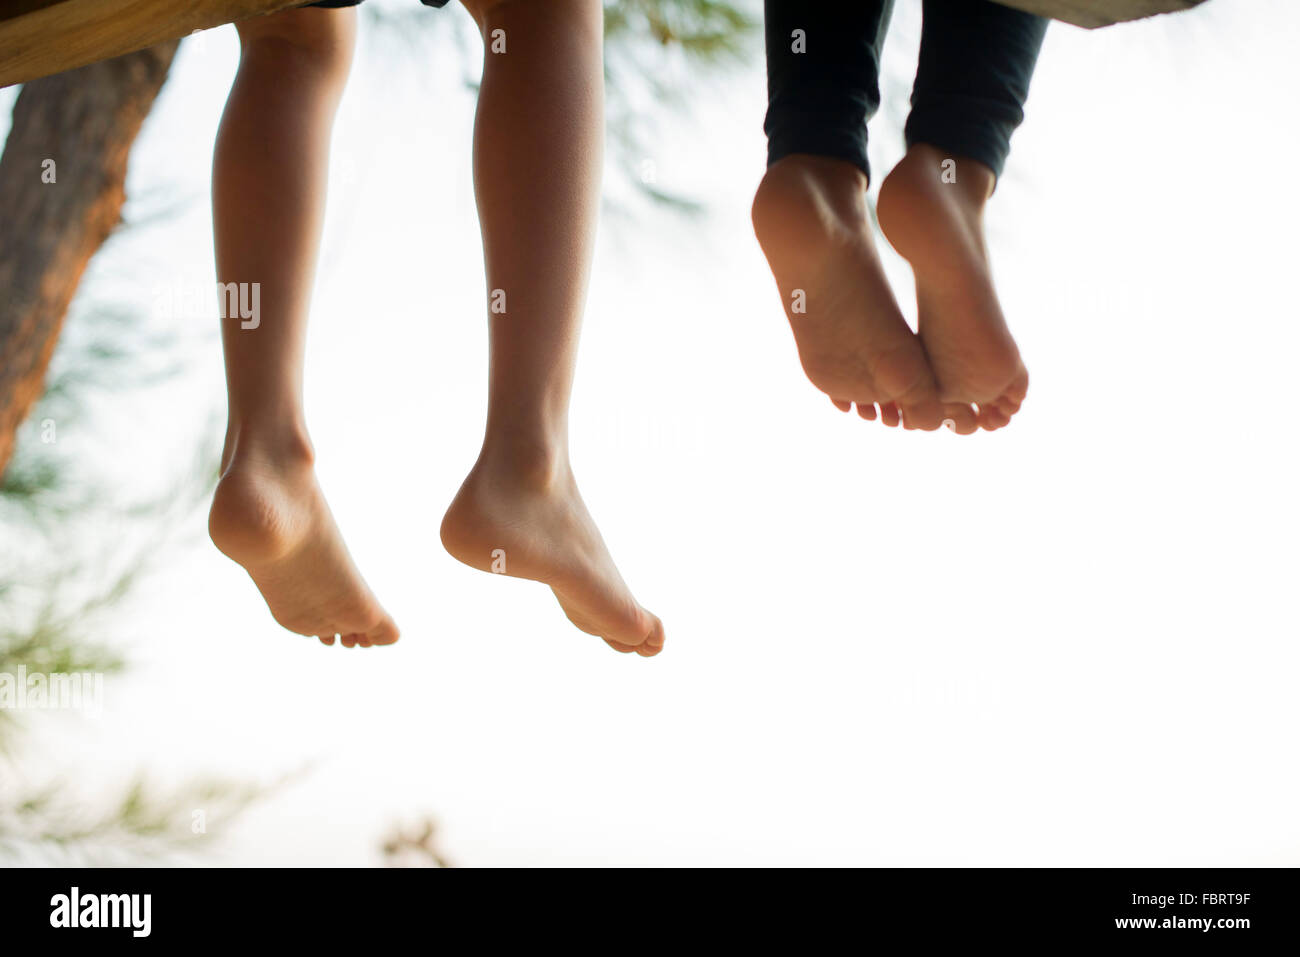 Barefoot niños sentados uno al lado del otro Imagen De Stock